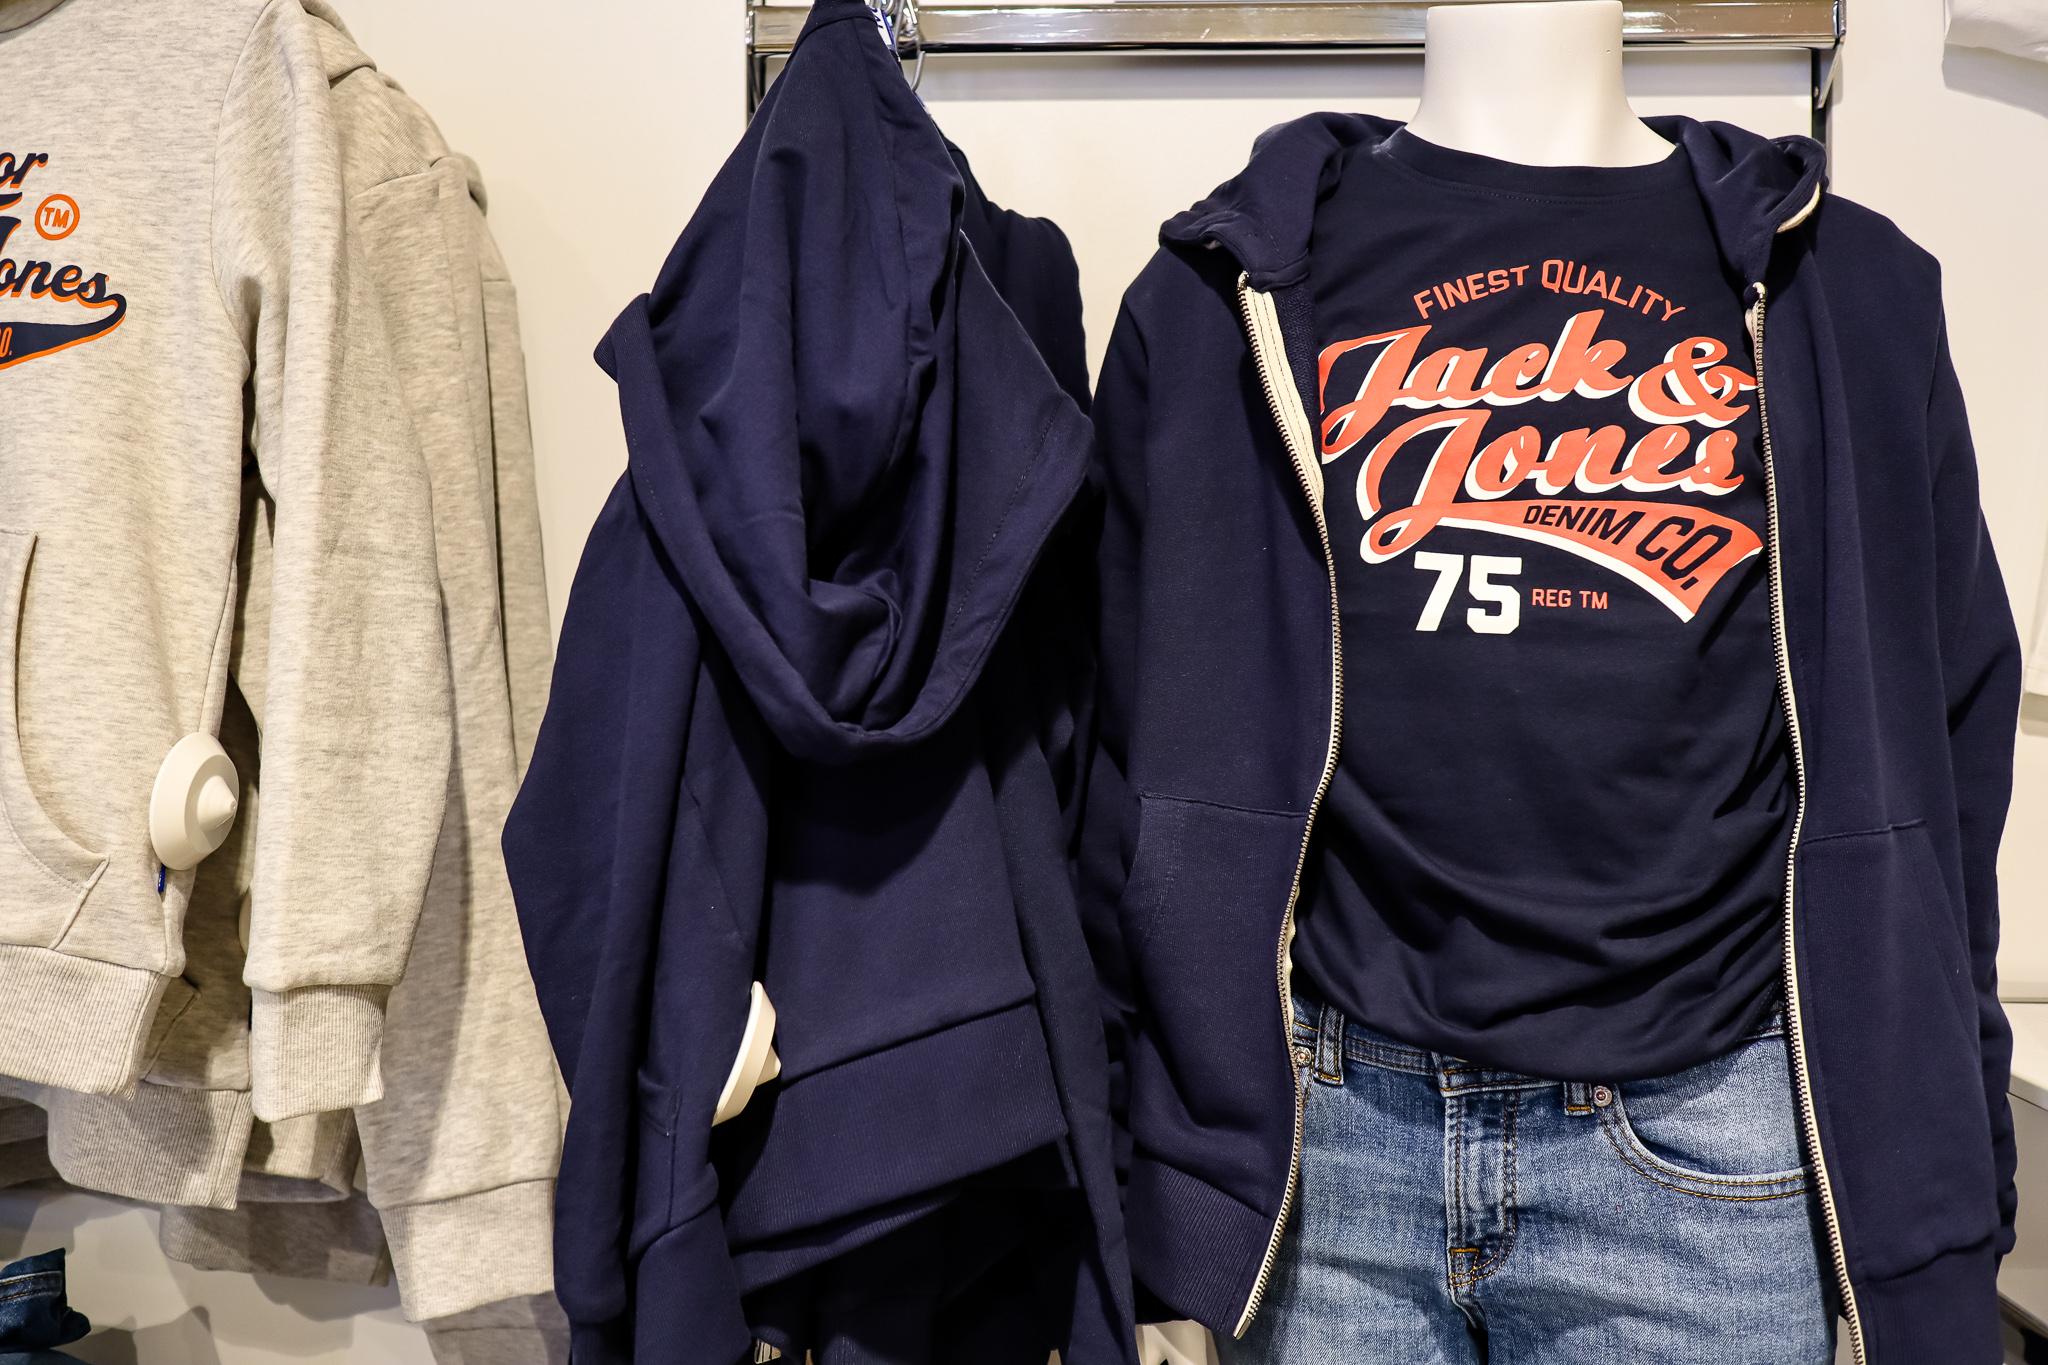 Jack & Jones - die beliebtesten Designs, nur ein paar Nummern kleiner. Die Herrenkollektion bieten wir bei Henken auch in Junior-Größen